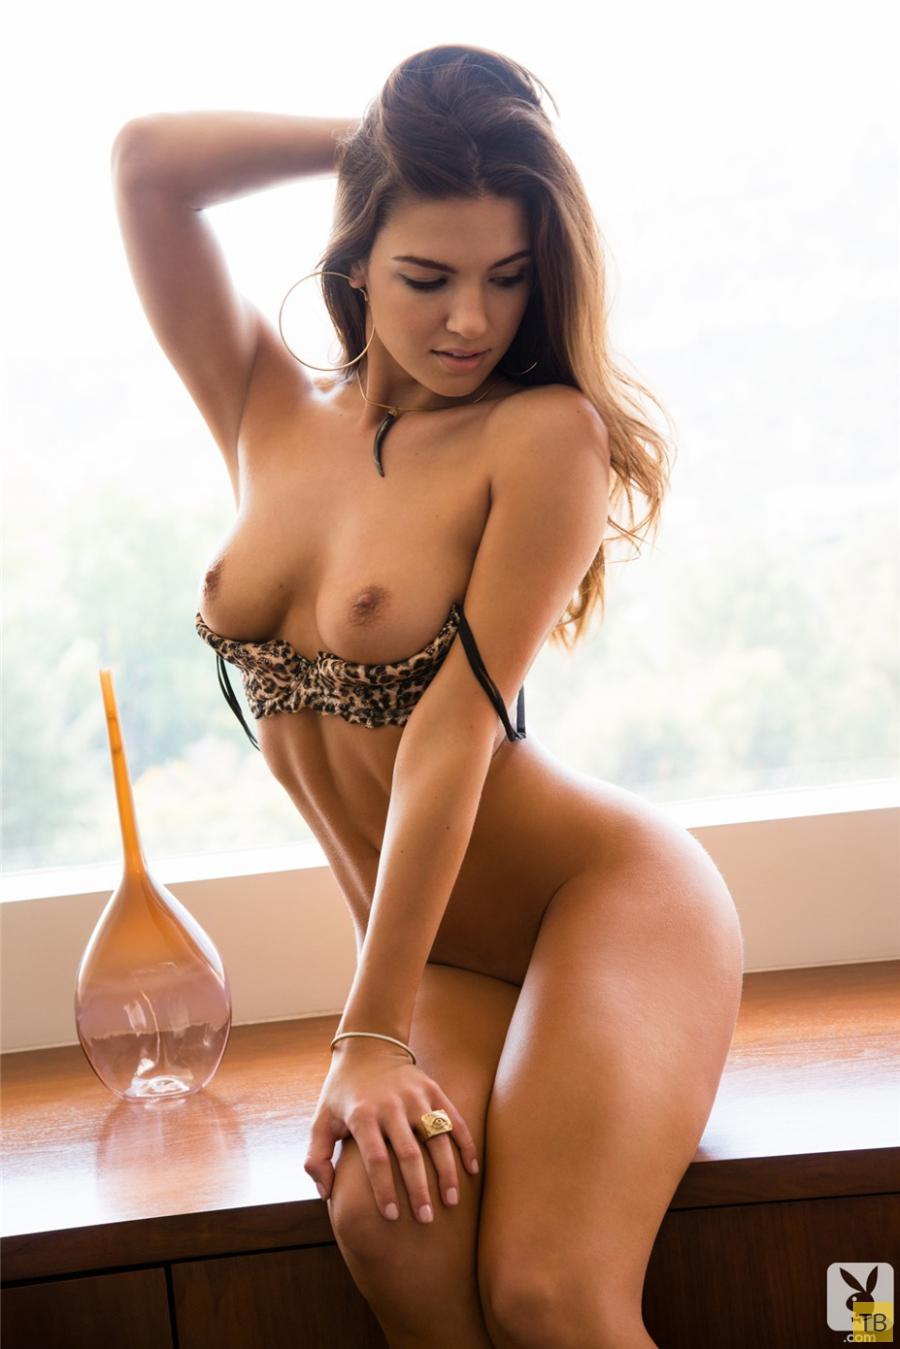 Фото красивая фигура голых женщин 12 фотография